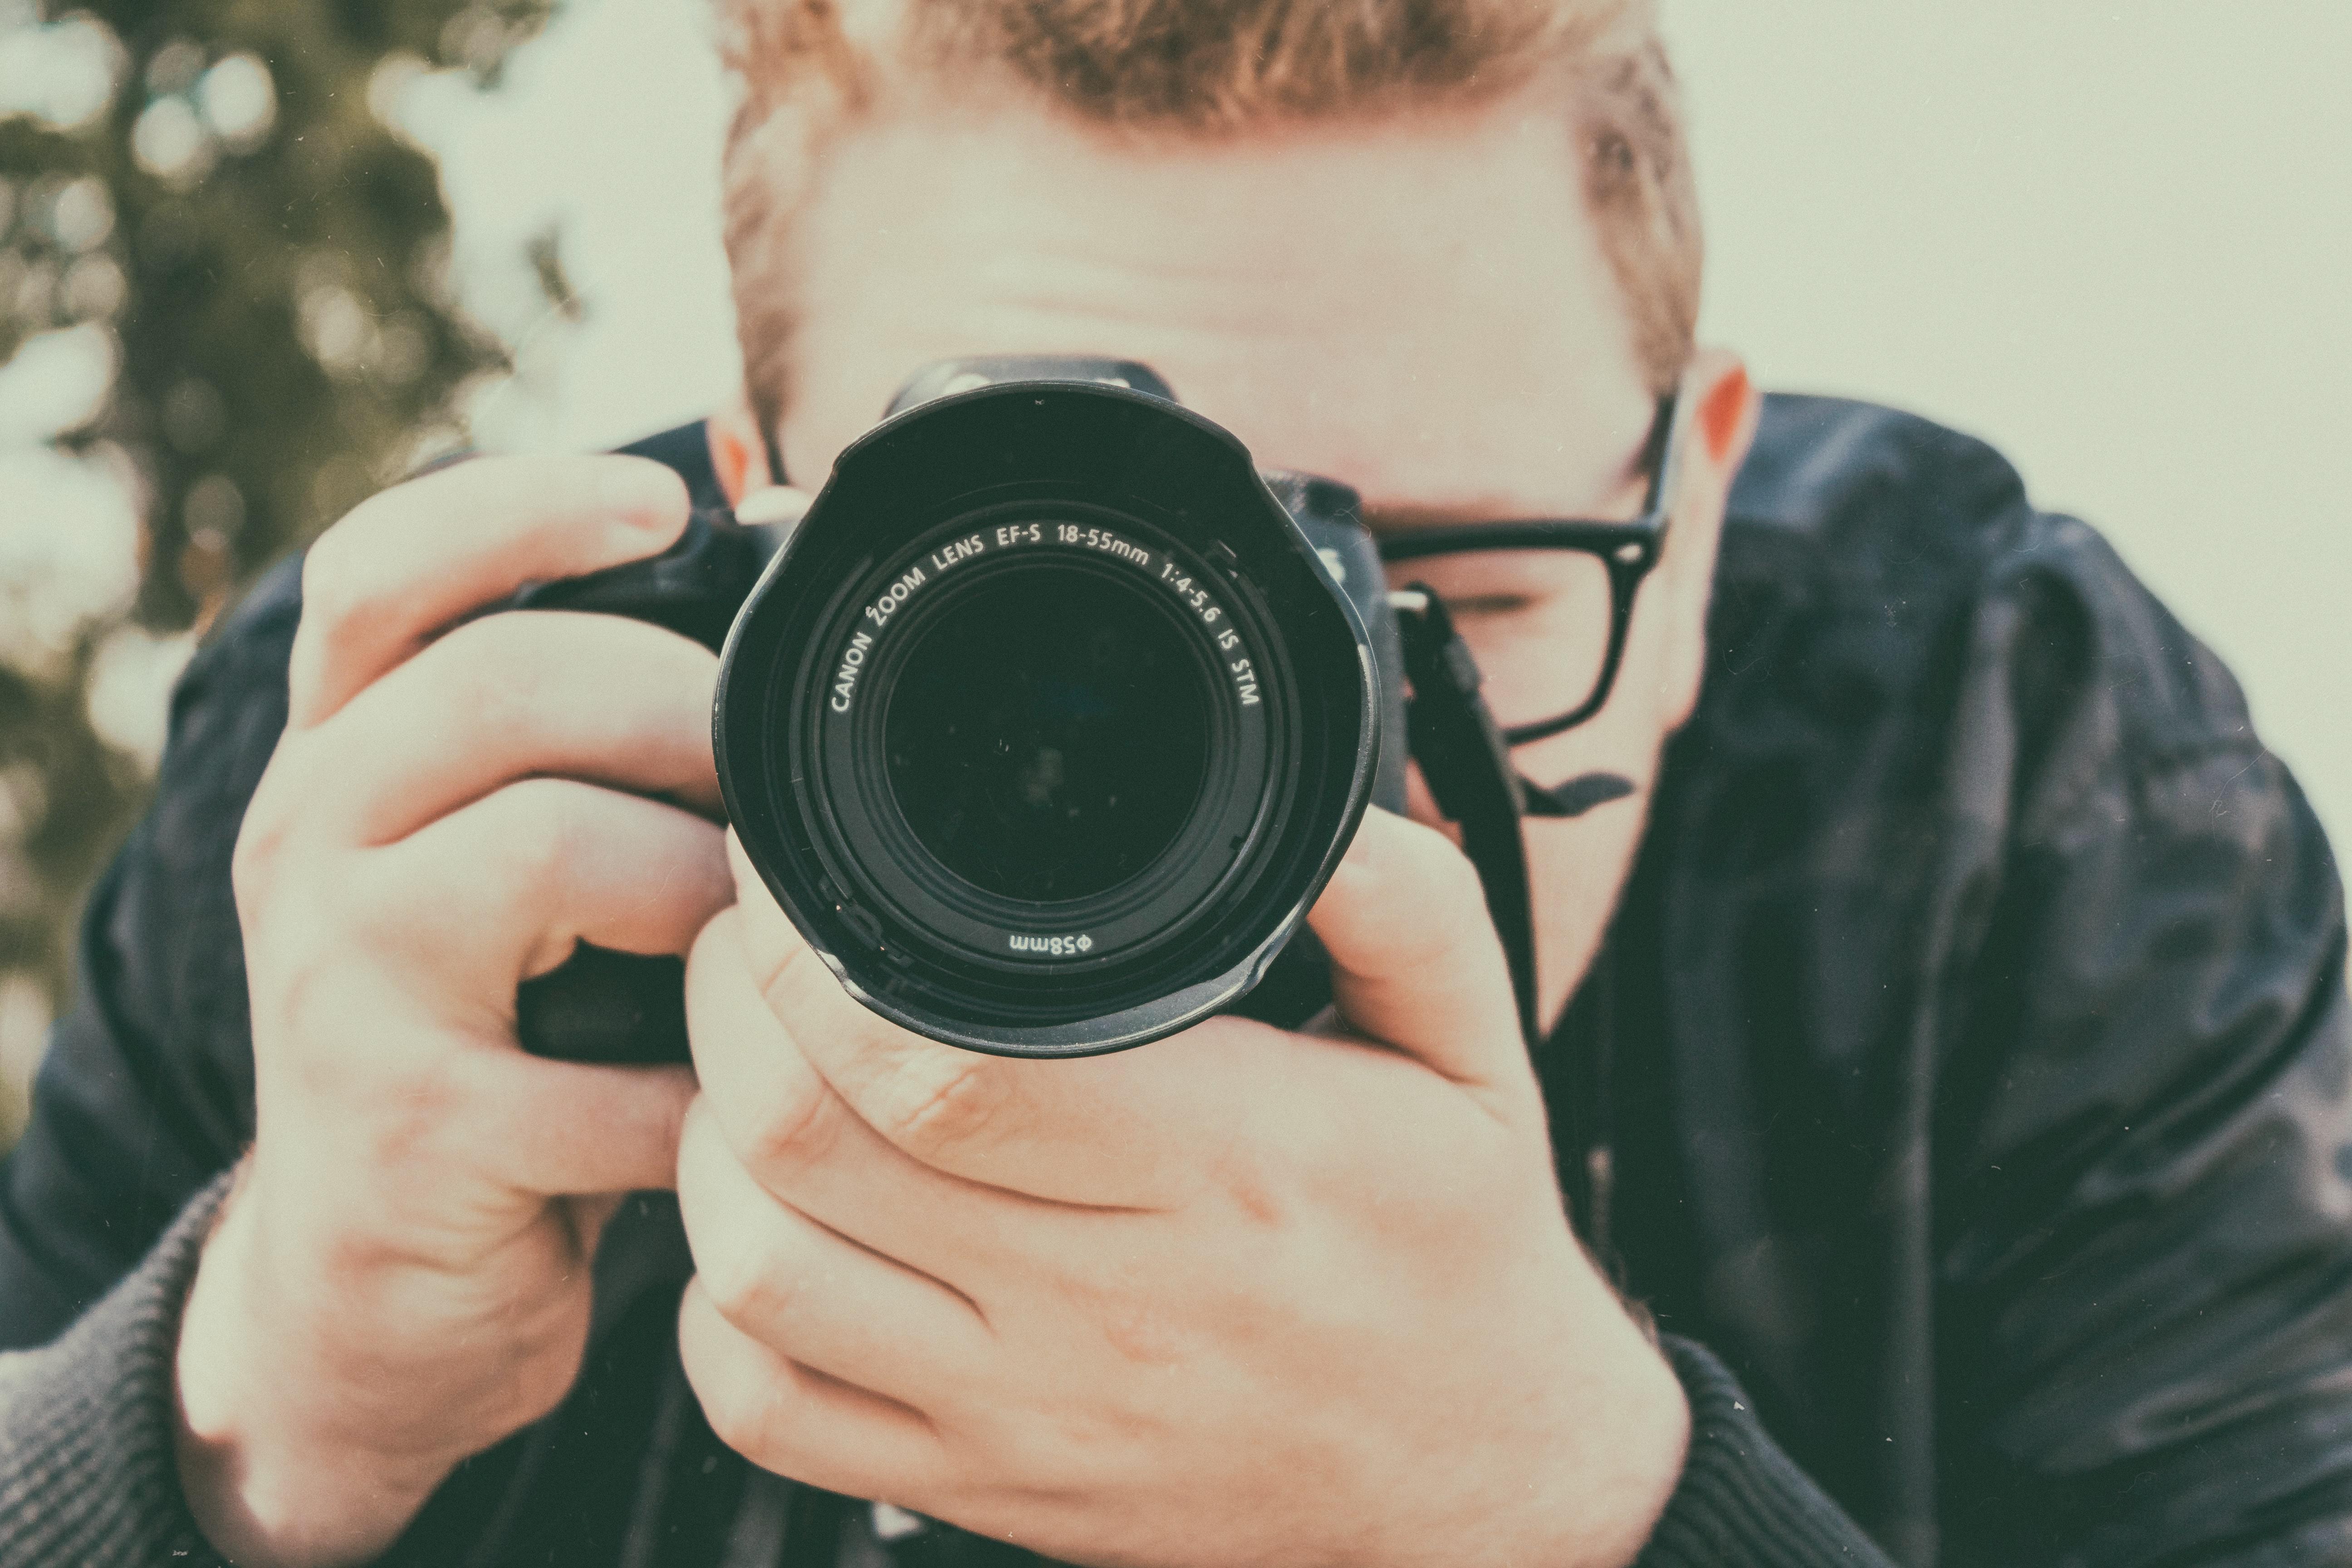 man takes photos